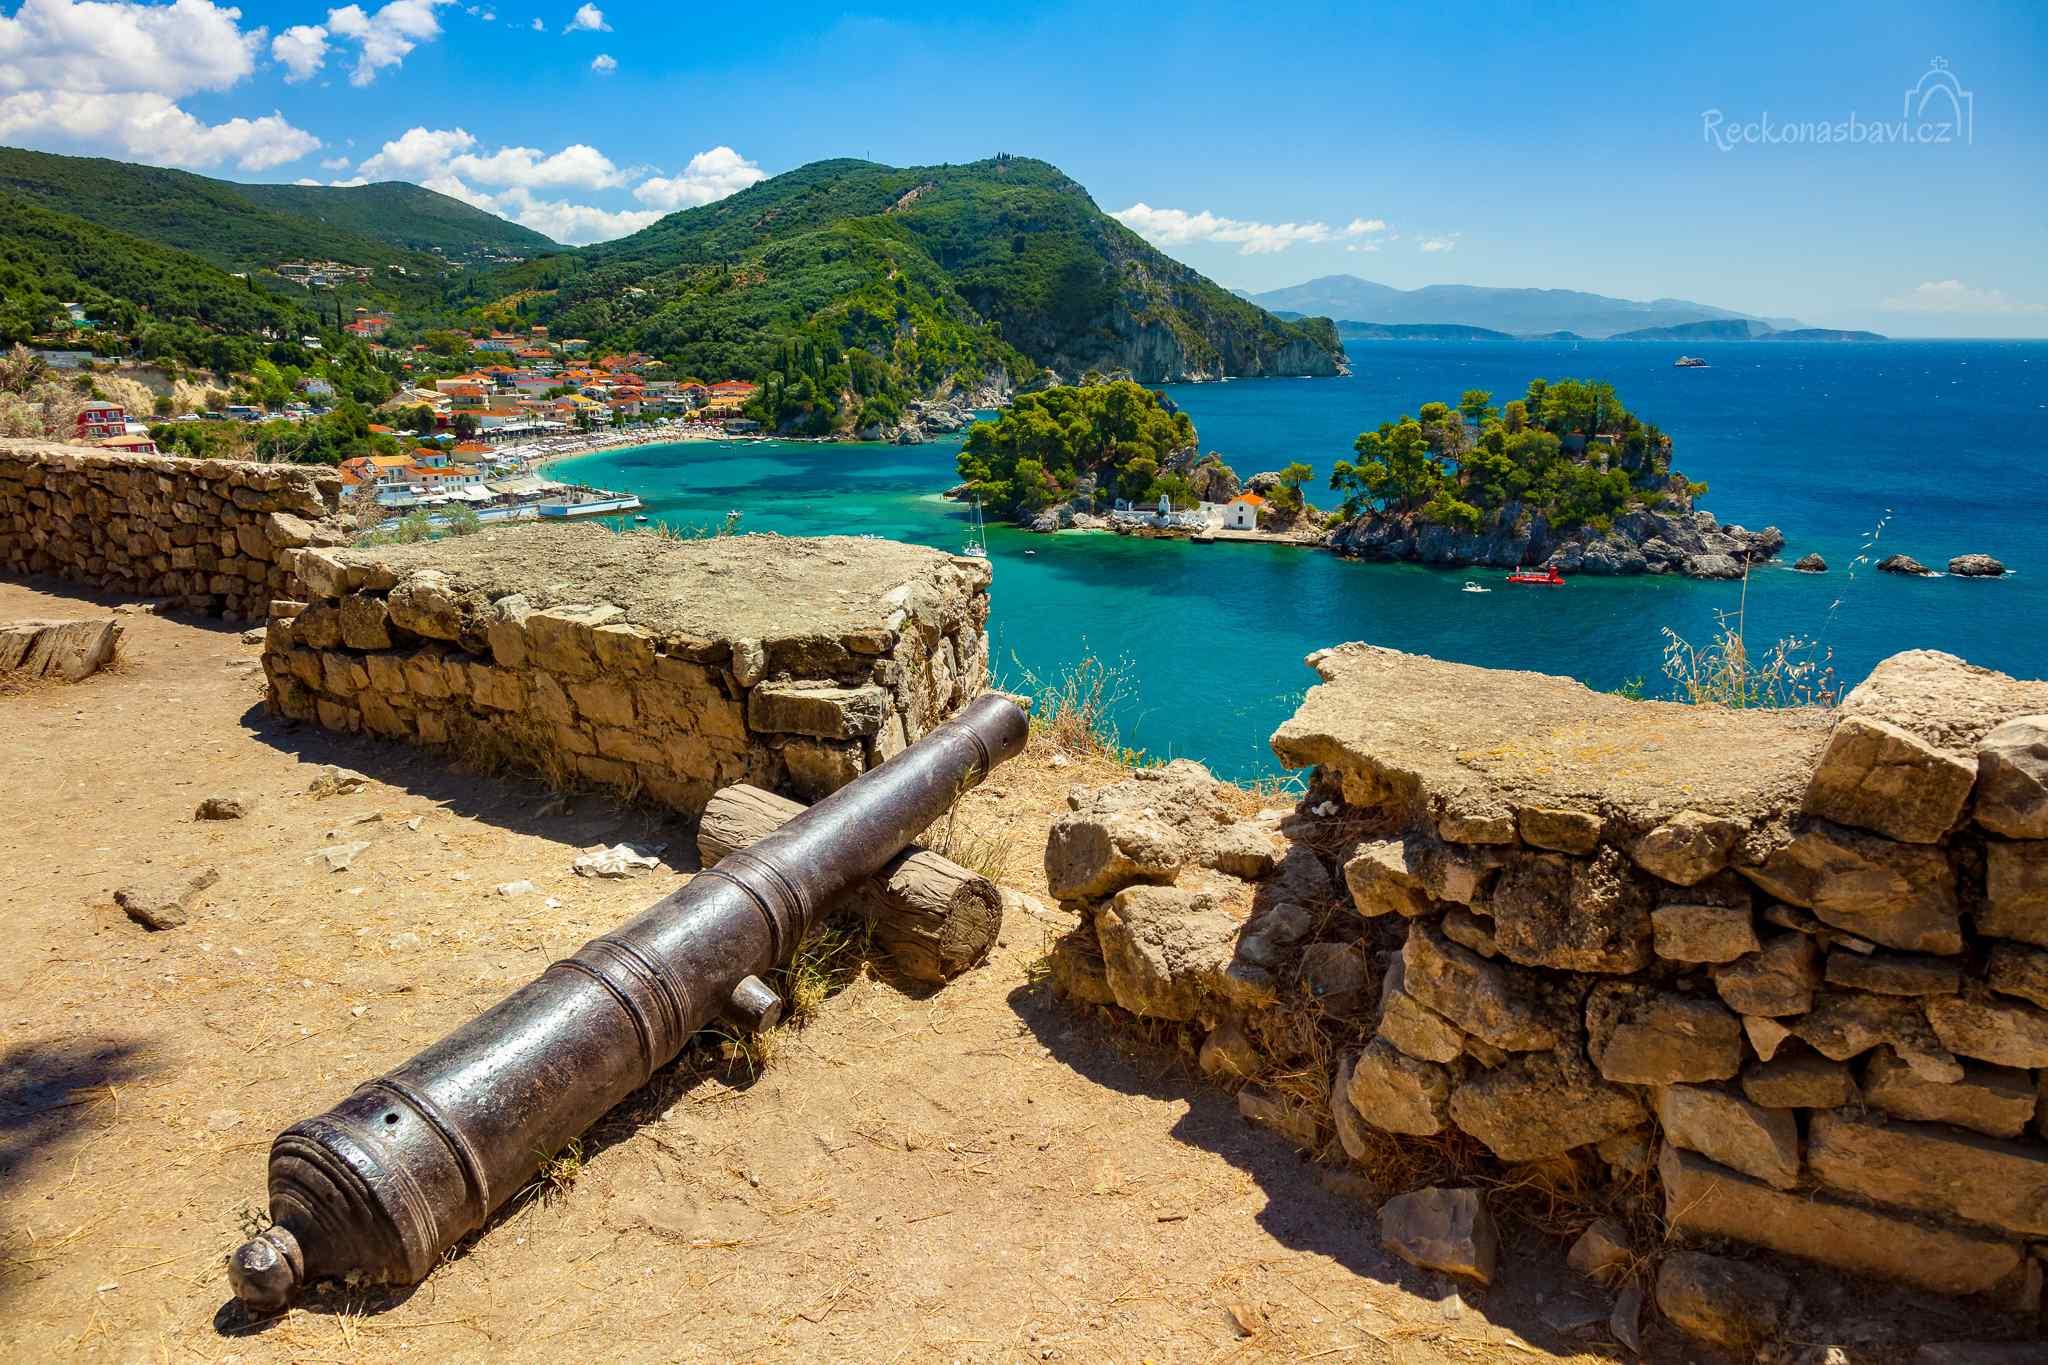 Výhodnou polohu místní zátoky chráněné vyvýšenými skalami, která měla přístup do vnitrozemí a mohla kopcovitému okolí sloužit jako přístav, ocenili Římané, Normané i Benátčané, kteří skálu nad zátokou opevnili hradem